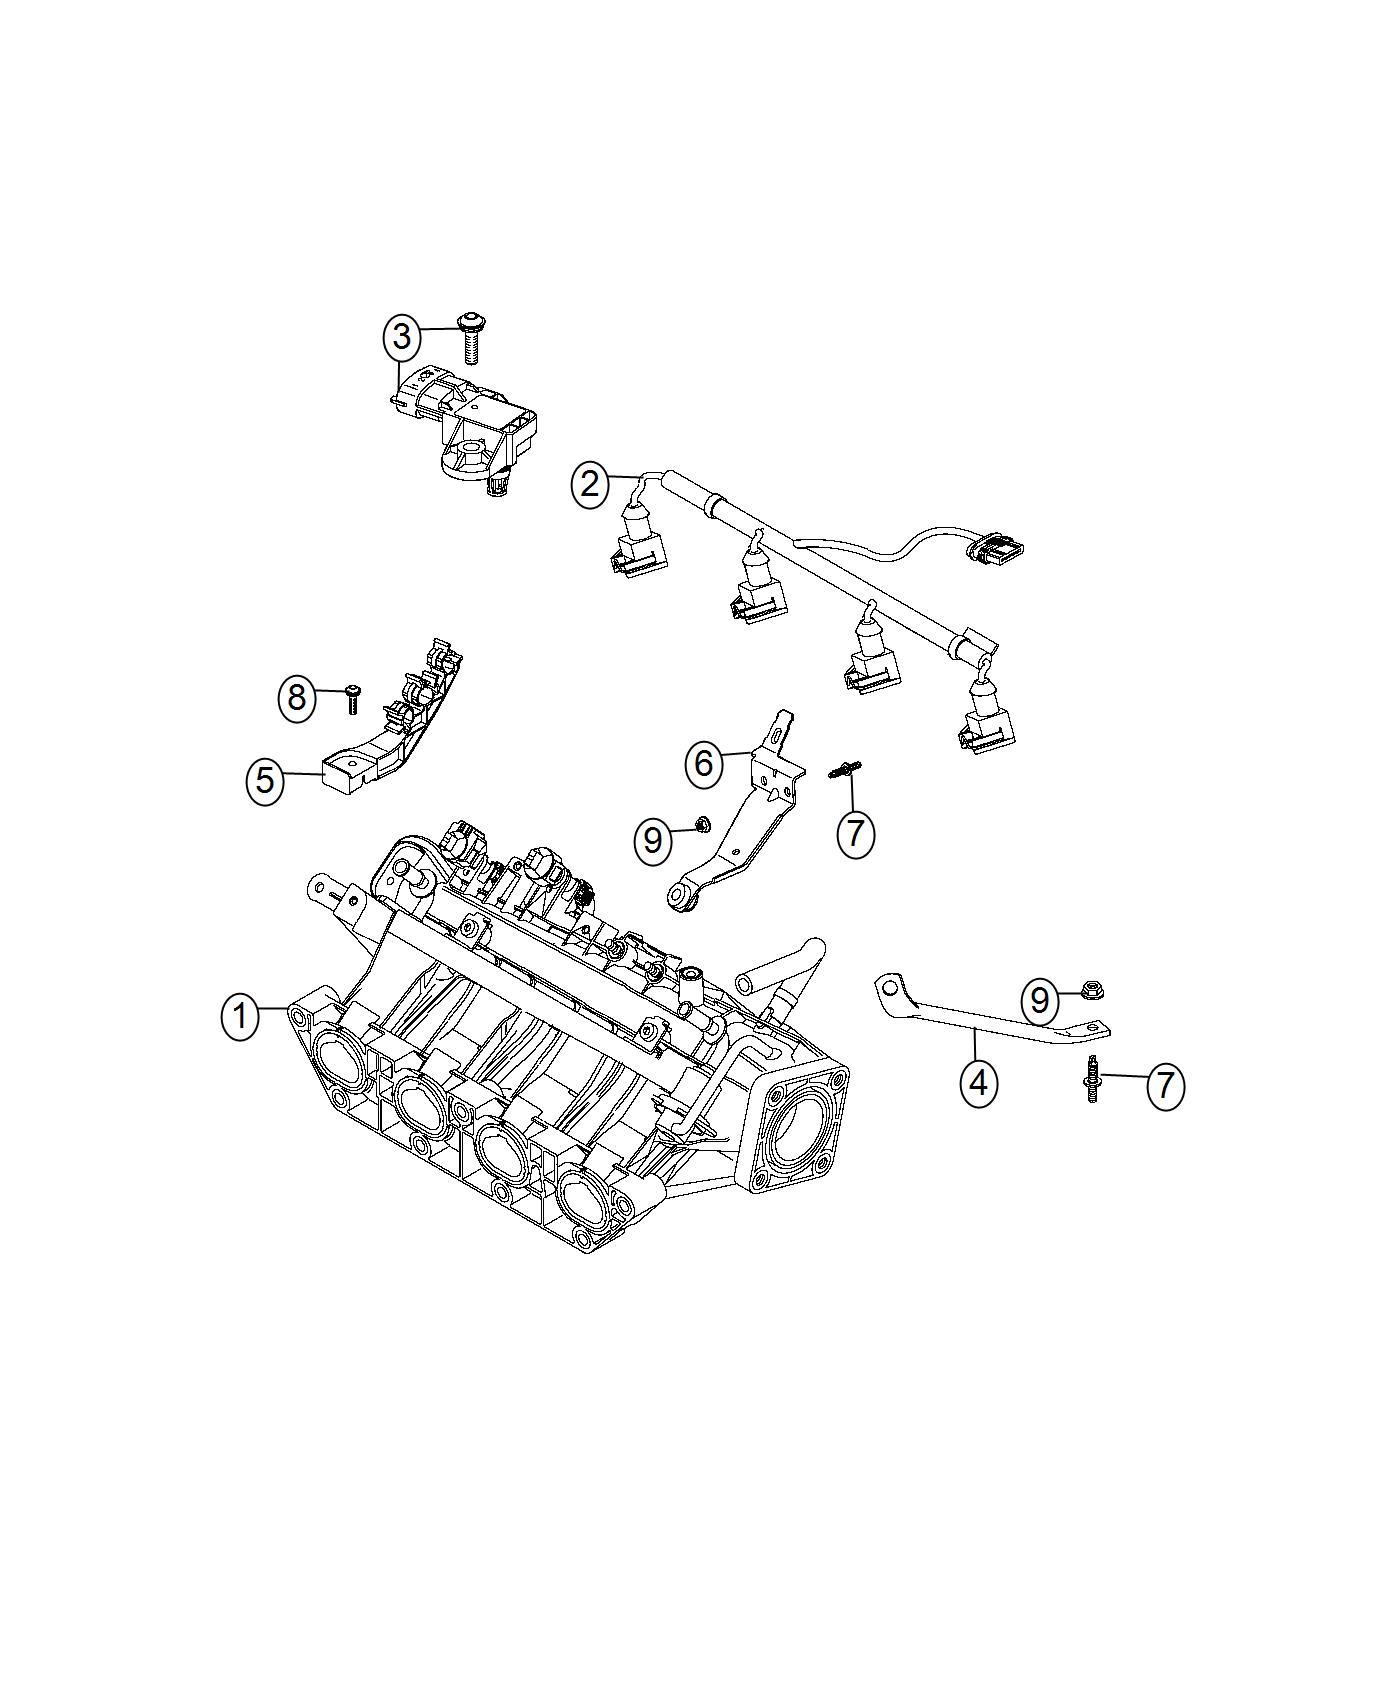 Fiat 500l Sensor Map Export Comes